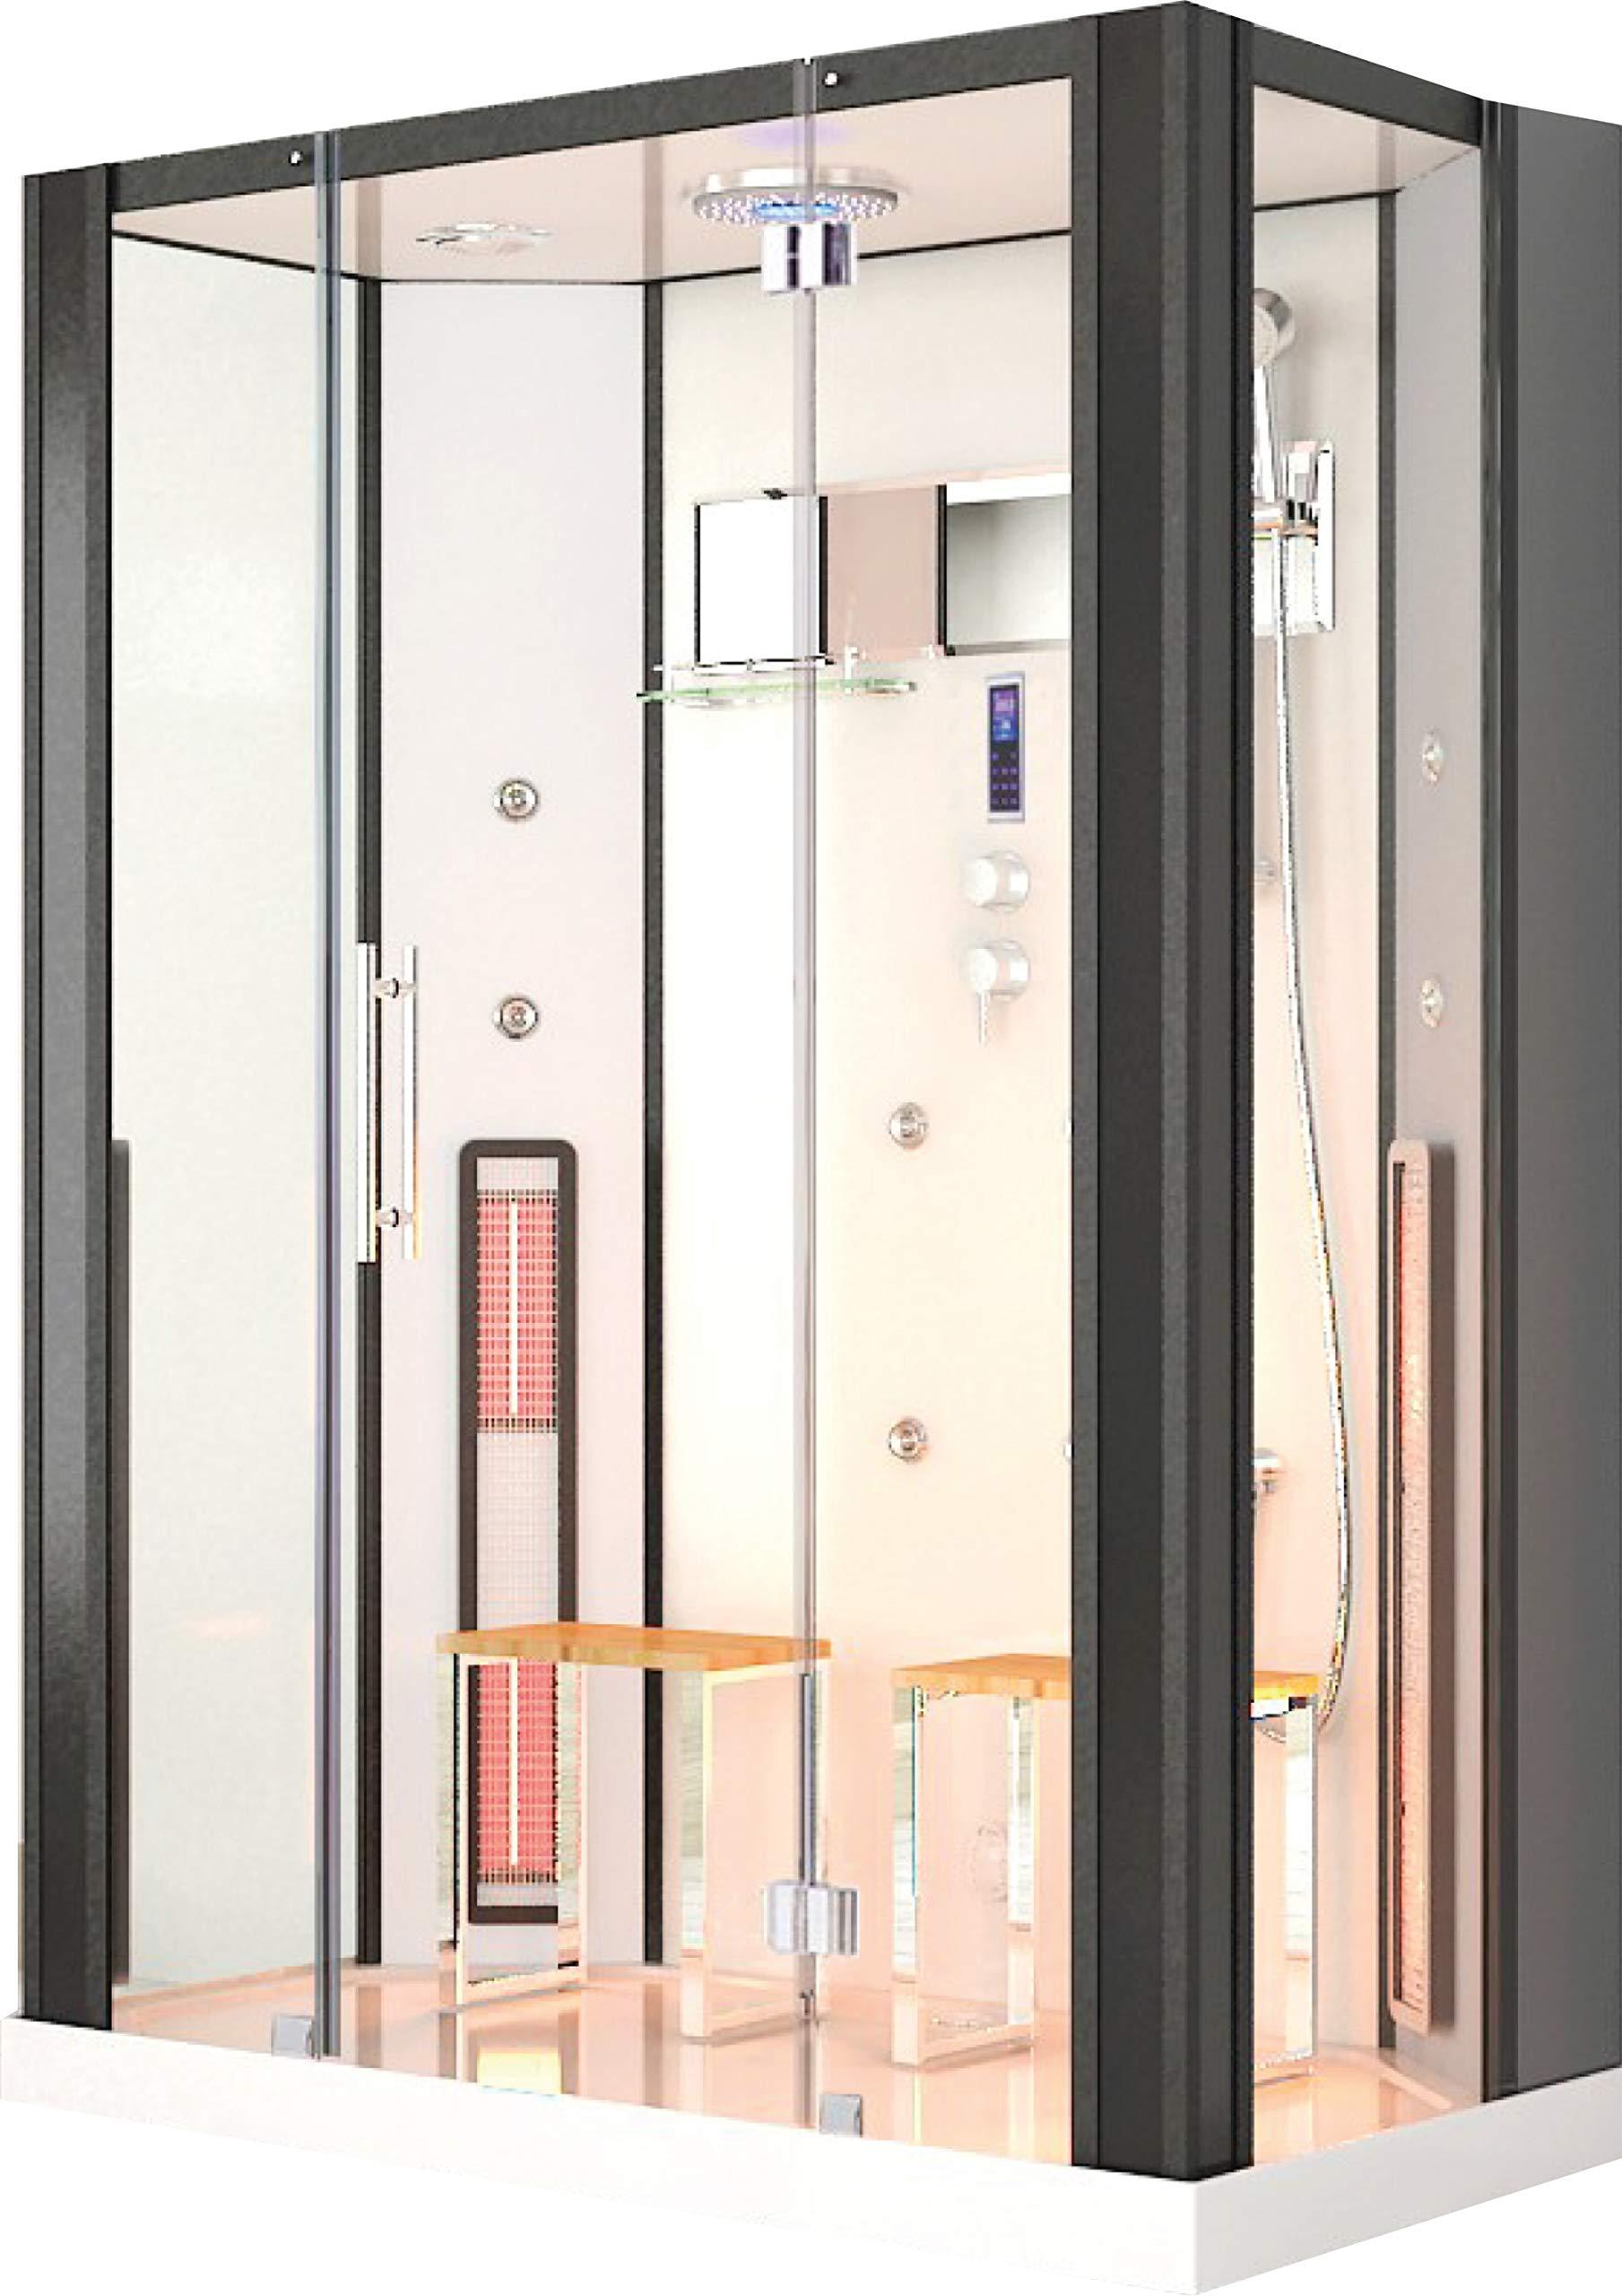 Ducha de vapor por infrarrojos Naxos, baño de vapor, cabina de calor, ducha de vapor, sauna de infrarrojos, cabina de calor por infrarrojos.: Amazon.es: Bricolaje y herramientas